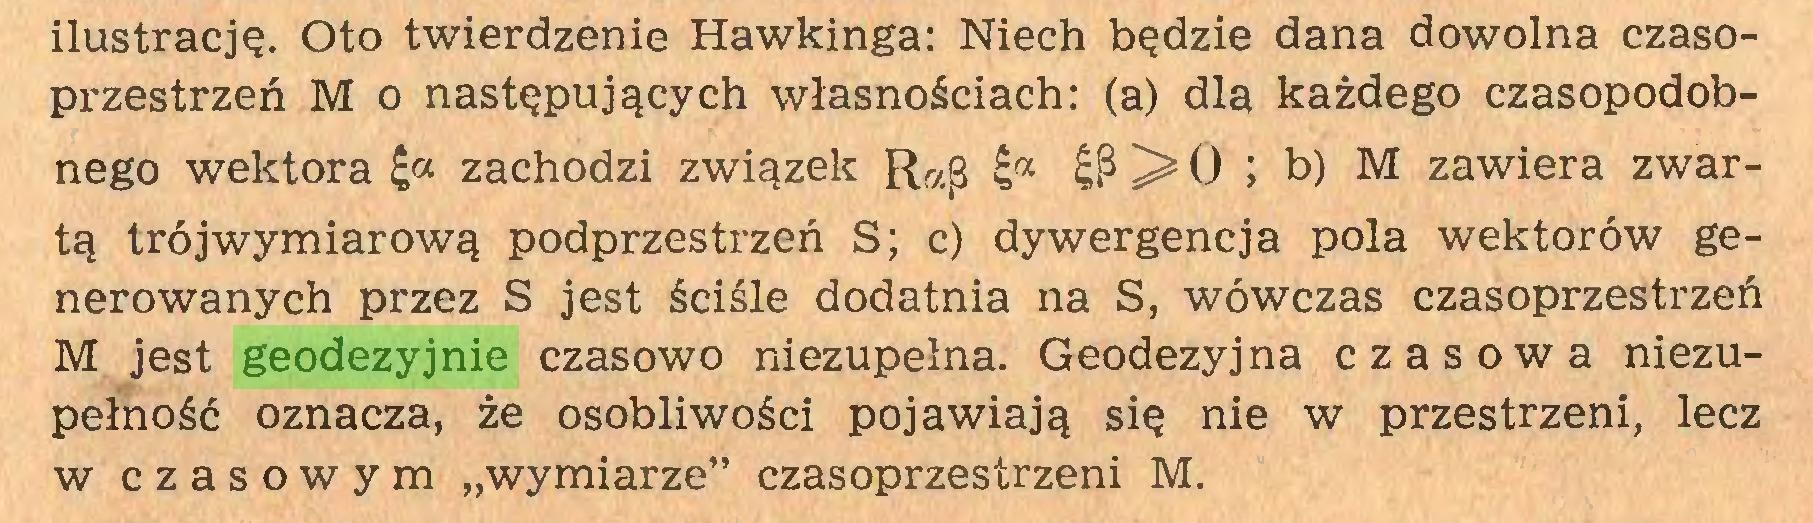 """(...) ilustrację. Oto twierdzenie Hawkinga: Niech będzie dana dowolna czasoprzestrzeń M o następujących własnościach: (a) dla każdego czasopodobnego wektora £a zachodzi związek 0 ; b) M zawiera zwartą trójwymiarową podprzestrzeń S; c) dywergencja pola wektorów generowanych przez S jest ściśle dodatnia na S, wówczas czasoprzestrzeń M jest geodezyjnie czasowo niezupełna. Geodezyjna czasowa niezupełność oznacza, że osobliwości pojawiają się nie w przestrzeni, lecz w czasowym """"wymiarze"""" czasoprzestrzeni M..."""